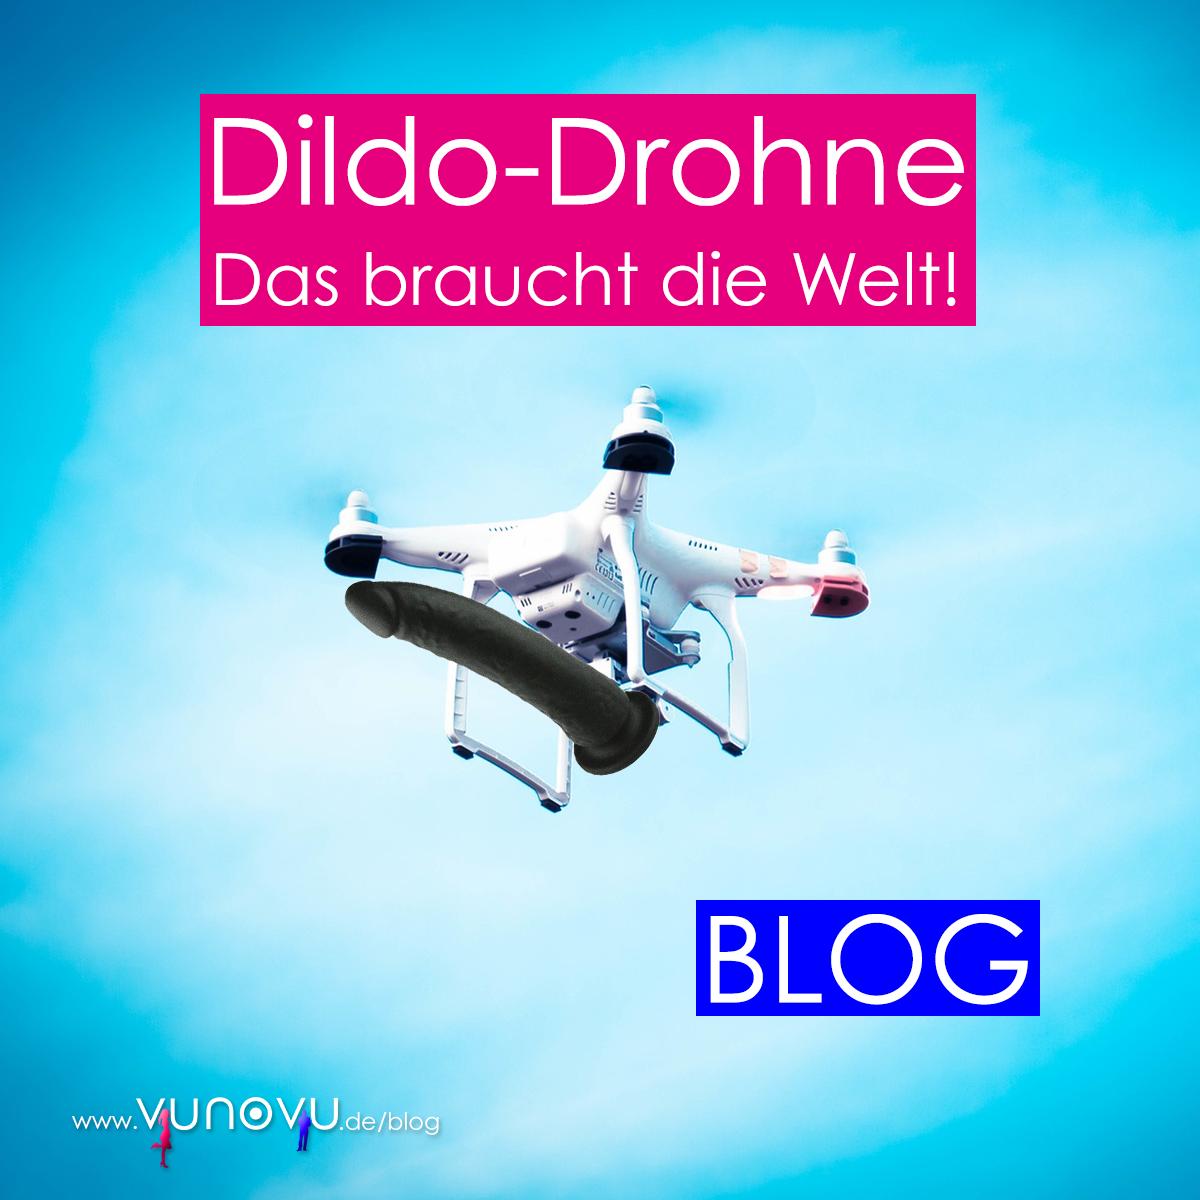 Drohne Dildo